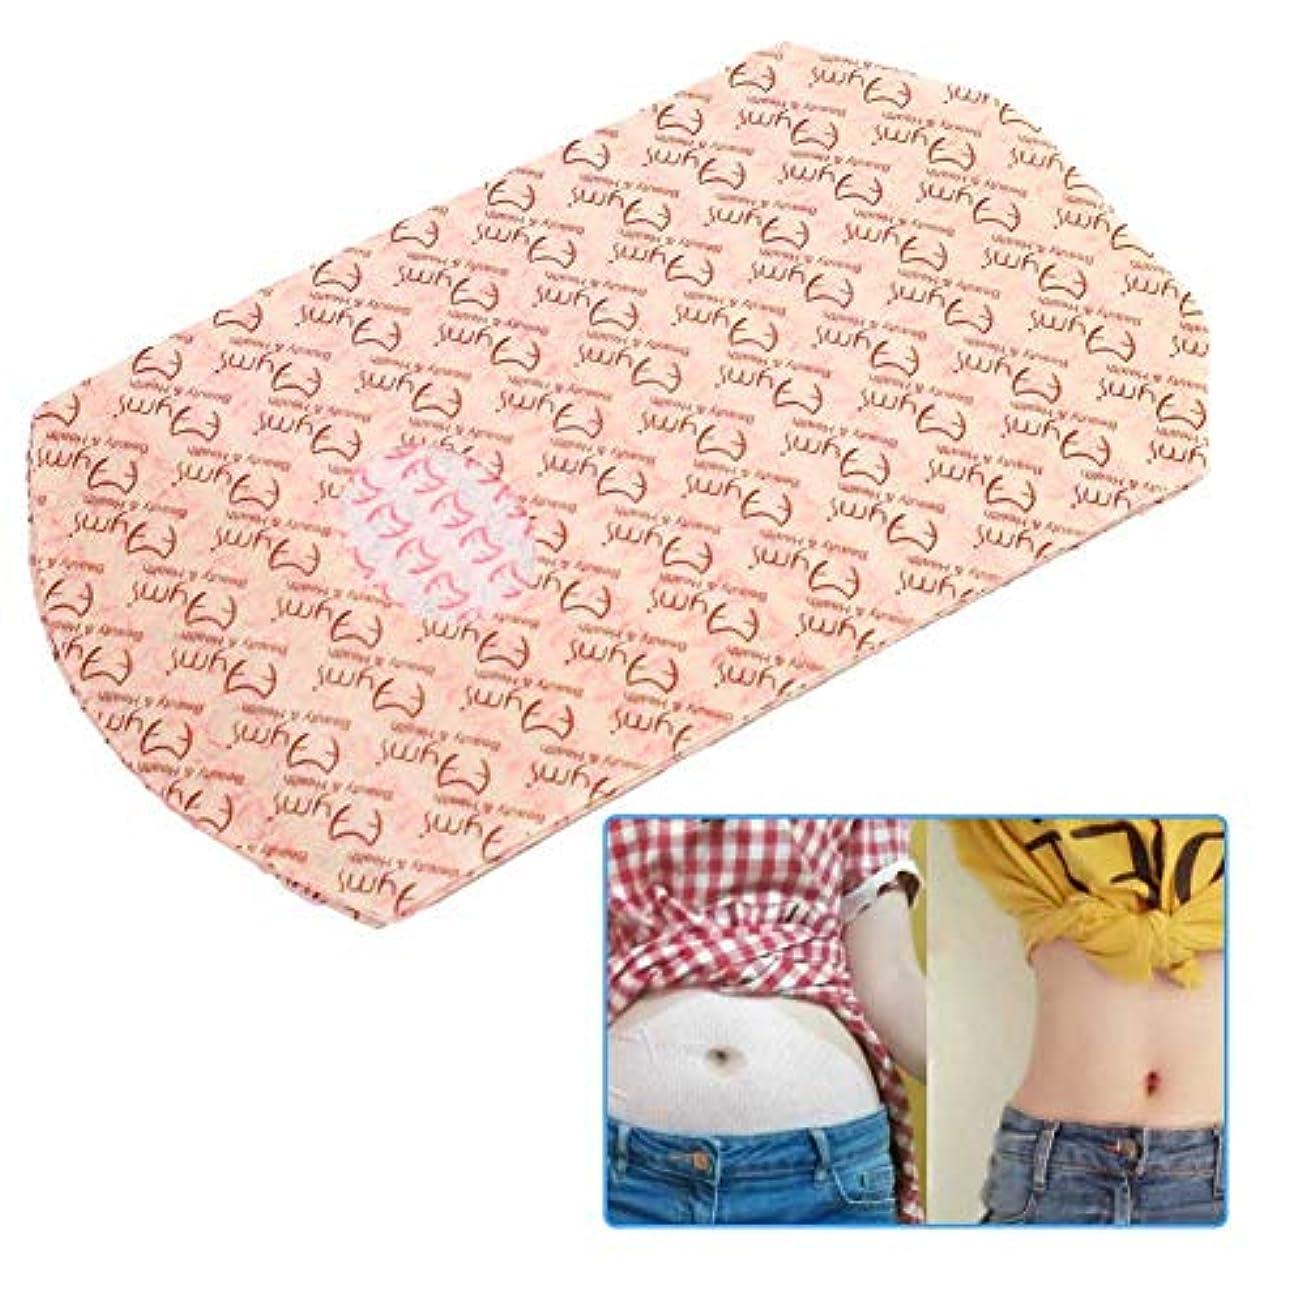 変化触手手綱減量へそスティック、腹部パッチ、脂肪燃焼減量解毒パッド(5個)